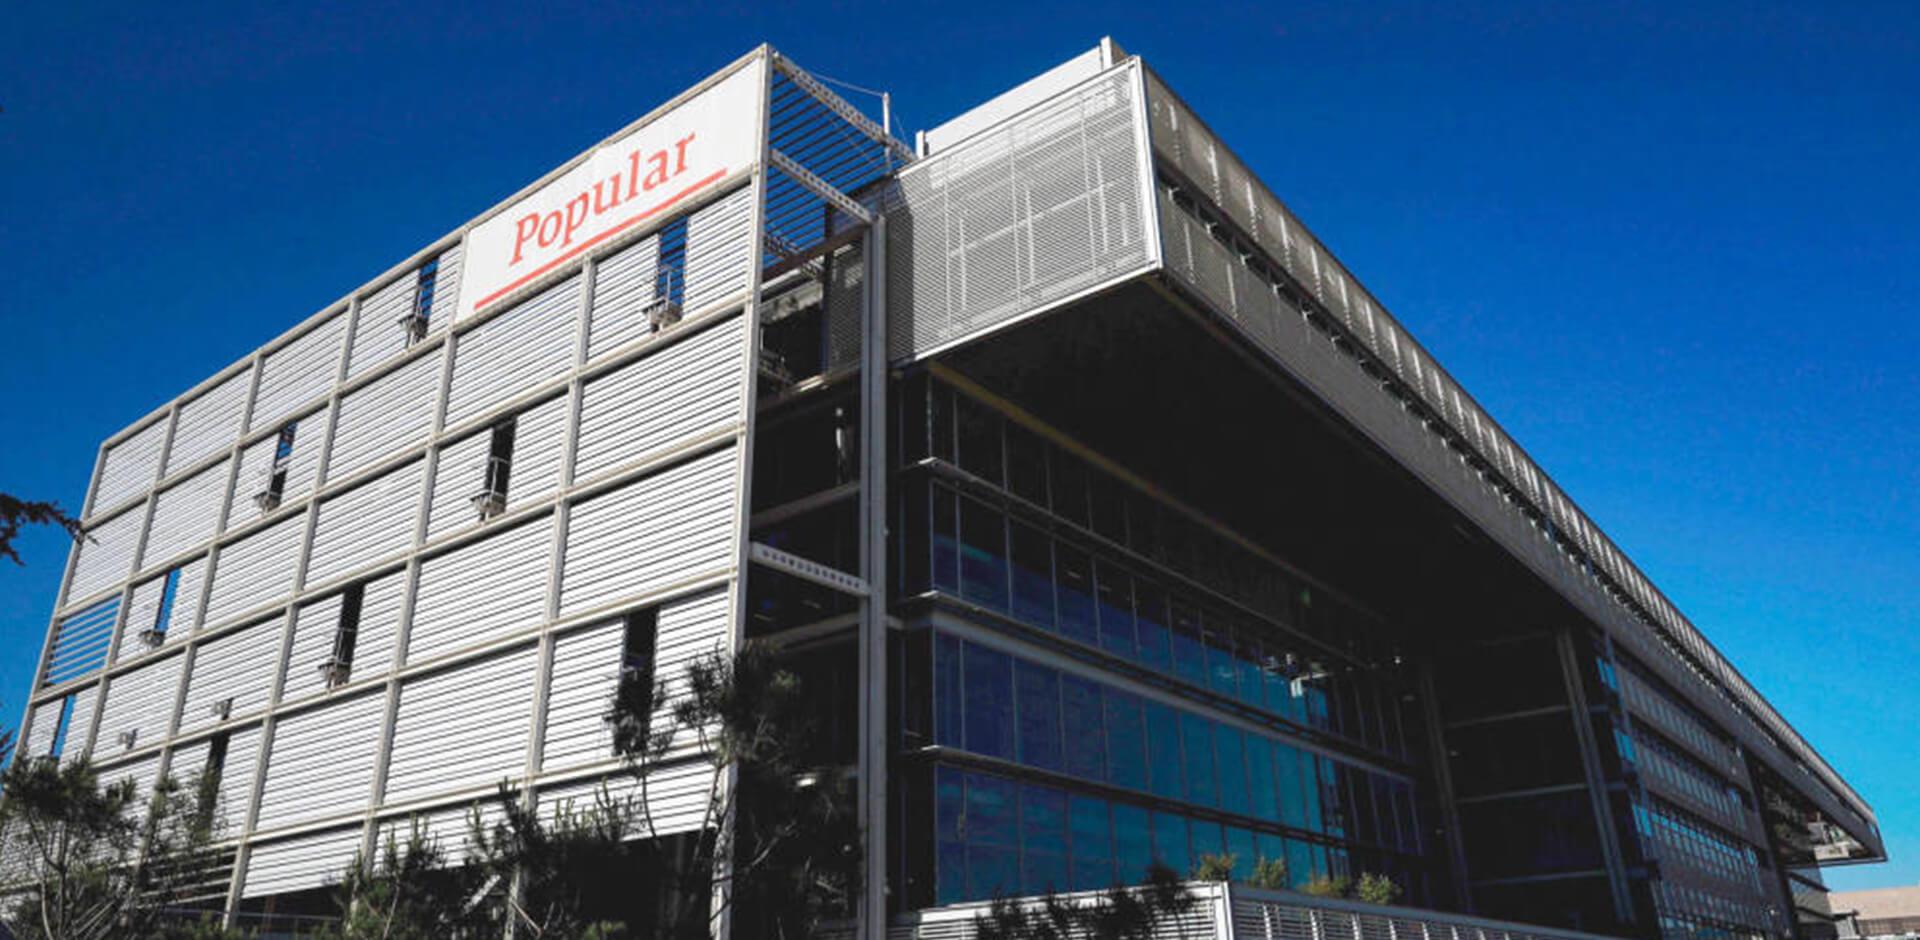 Banco Popular, ¿posibilidad De Reclamación Y Recuperación Del Dinero Invertido?